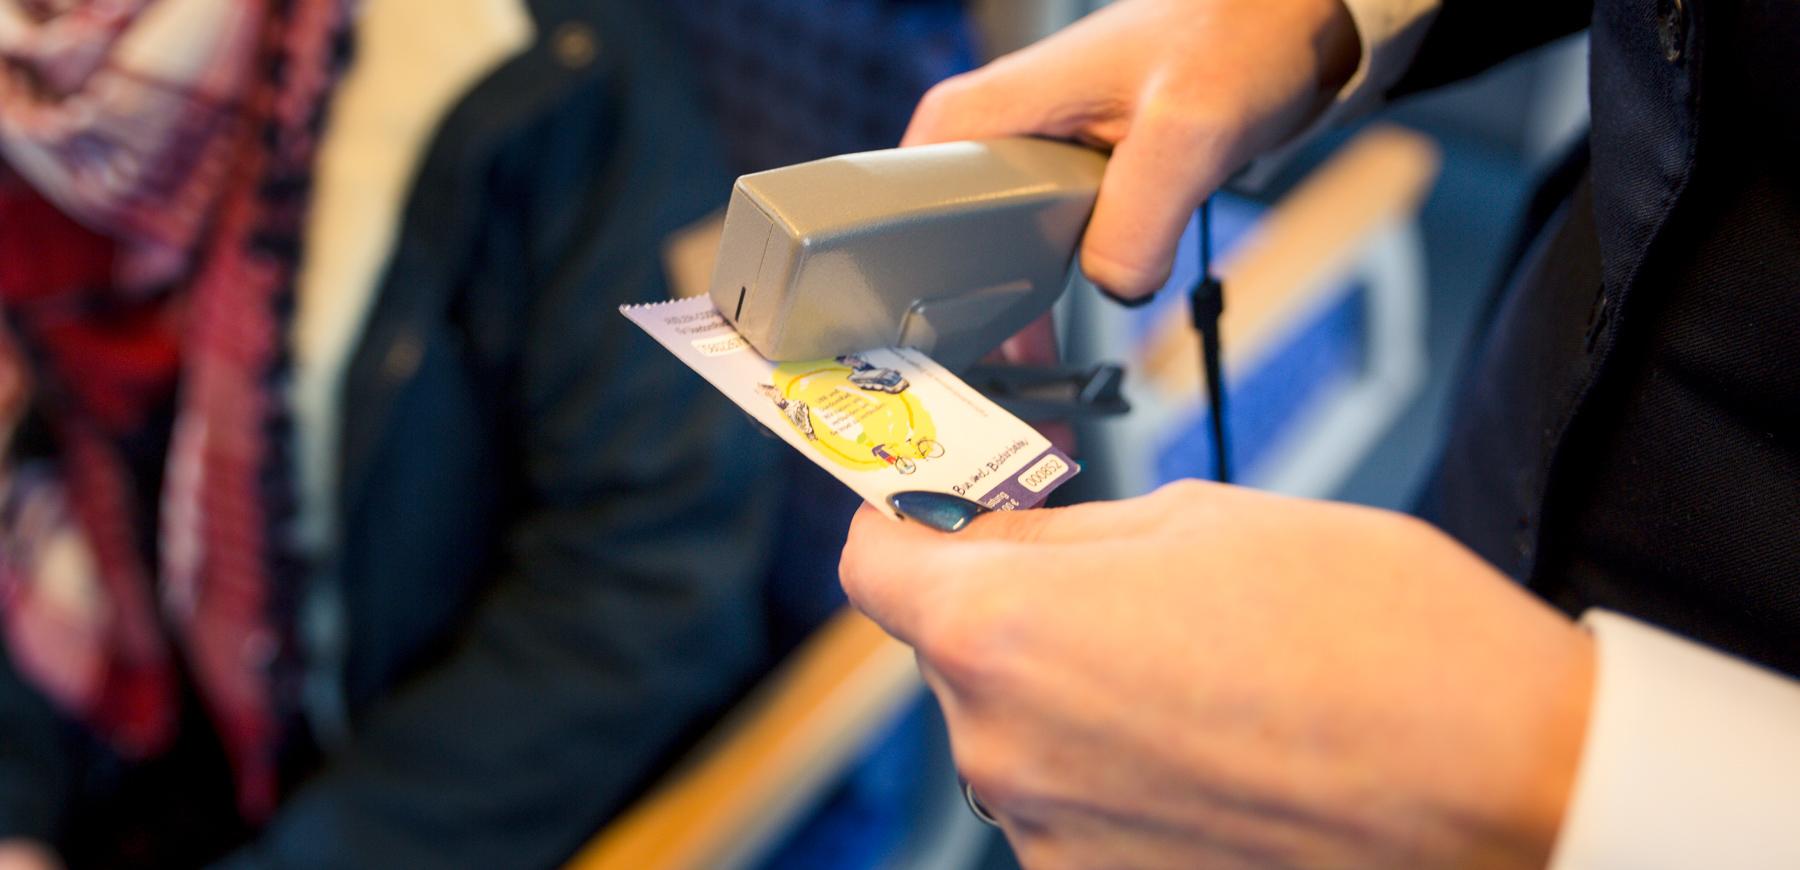 Fahrkarte der UBB wird durch Kundenbetreuer entwertet.